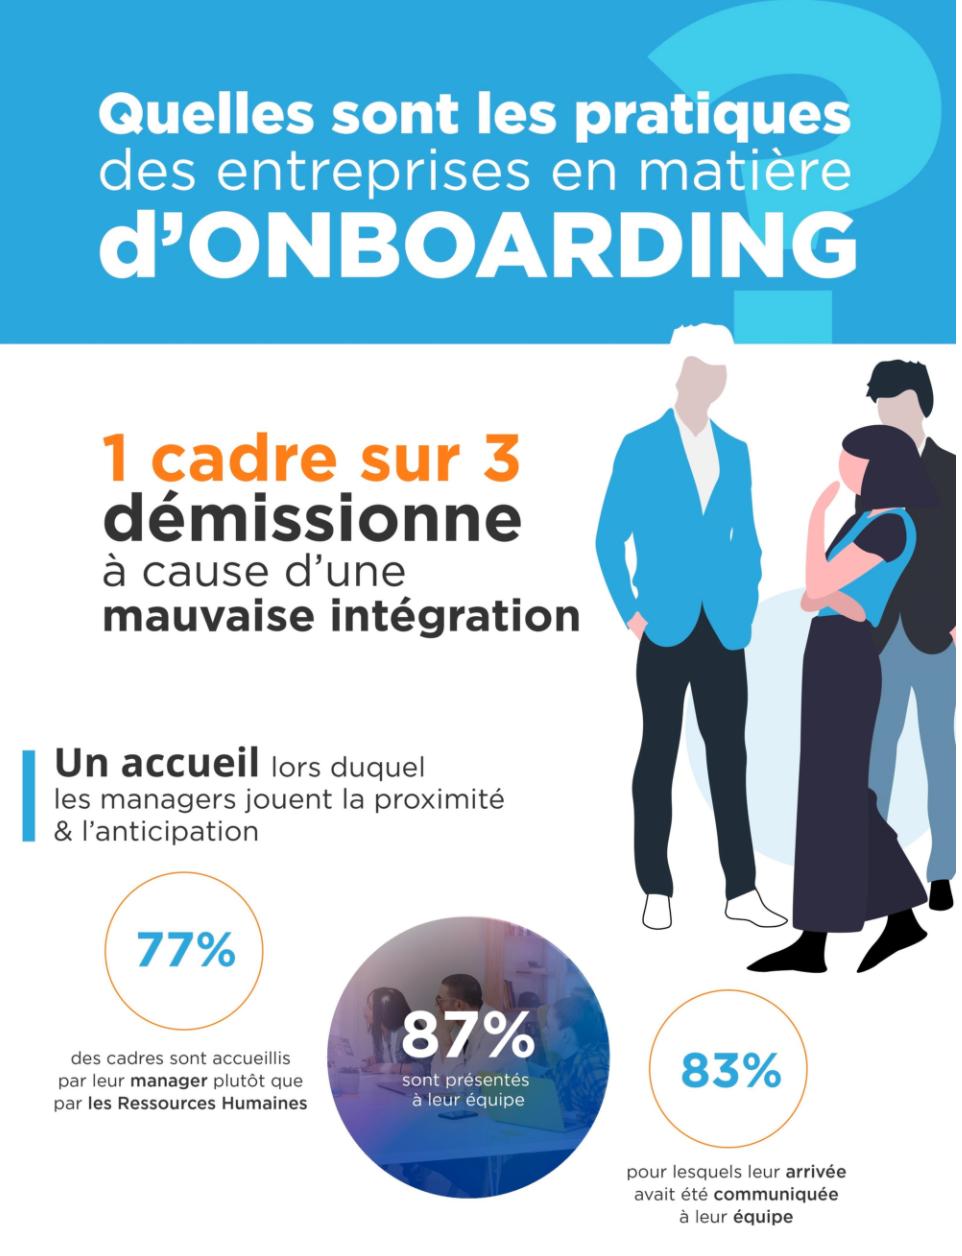 Onboarding 1 cadre sur 3 démissionne à cause d'une mauvaise intégration